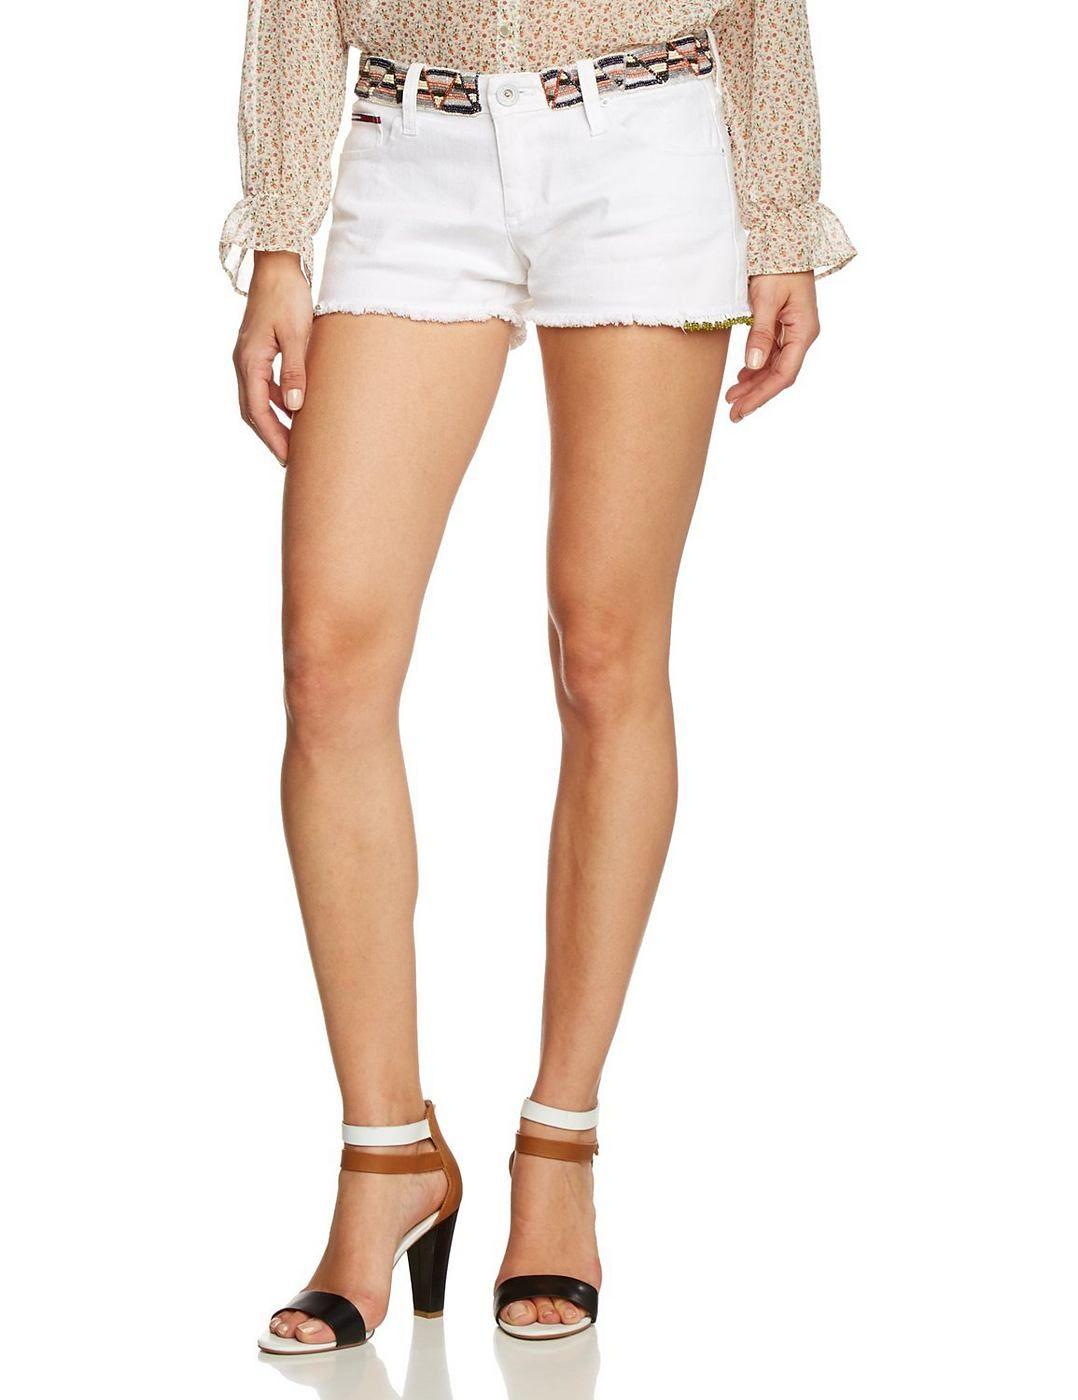 Die süße Short von Hilfiger Denim begeistern durch ihren Look. Sommerlich leicht. 100% Baumwolle...